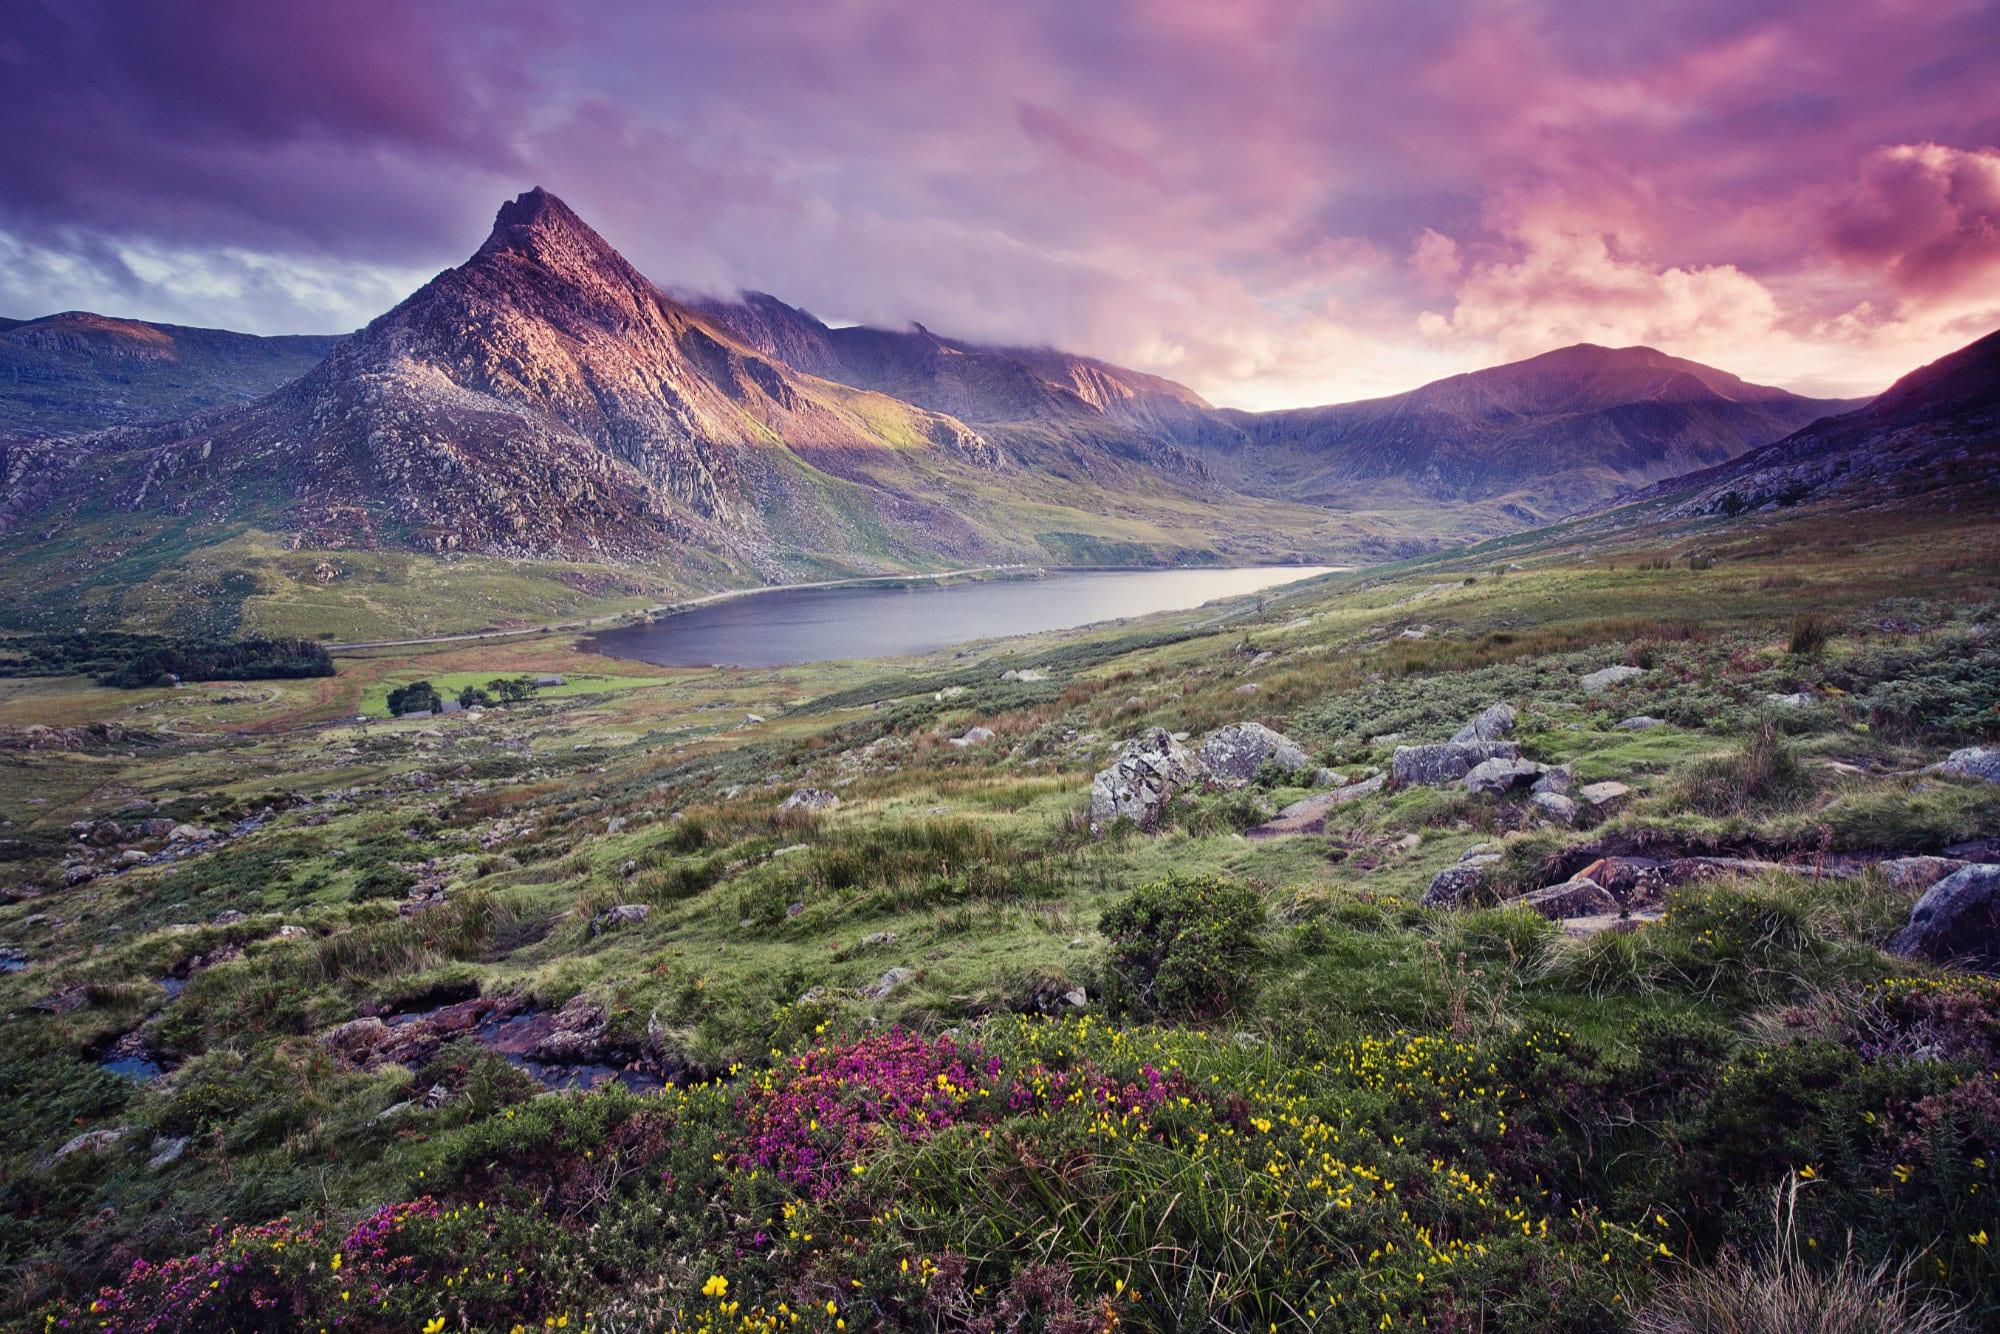 Snowdonia atmospheric view